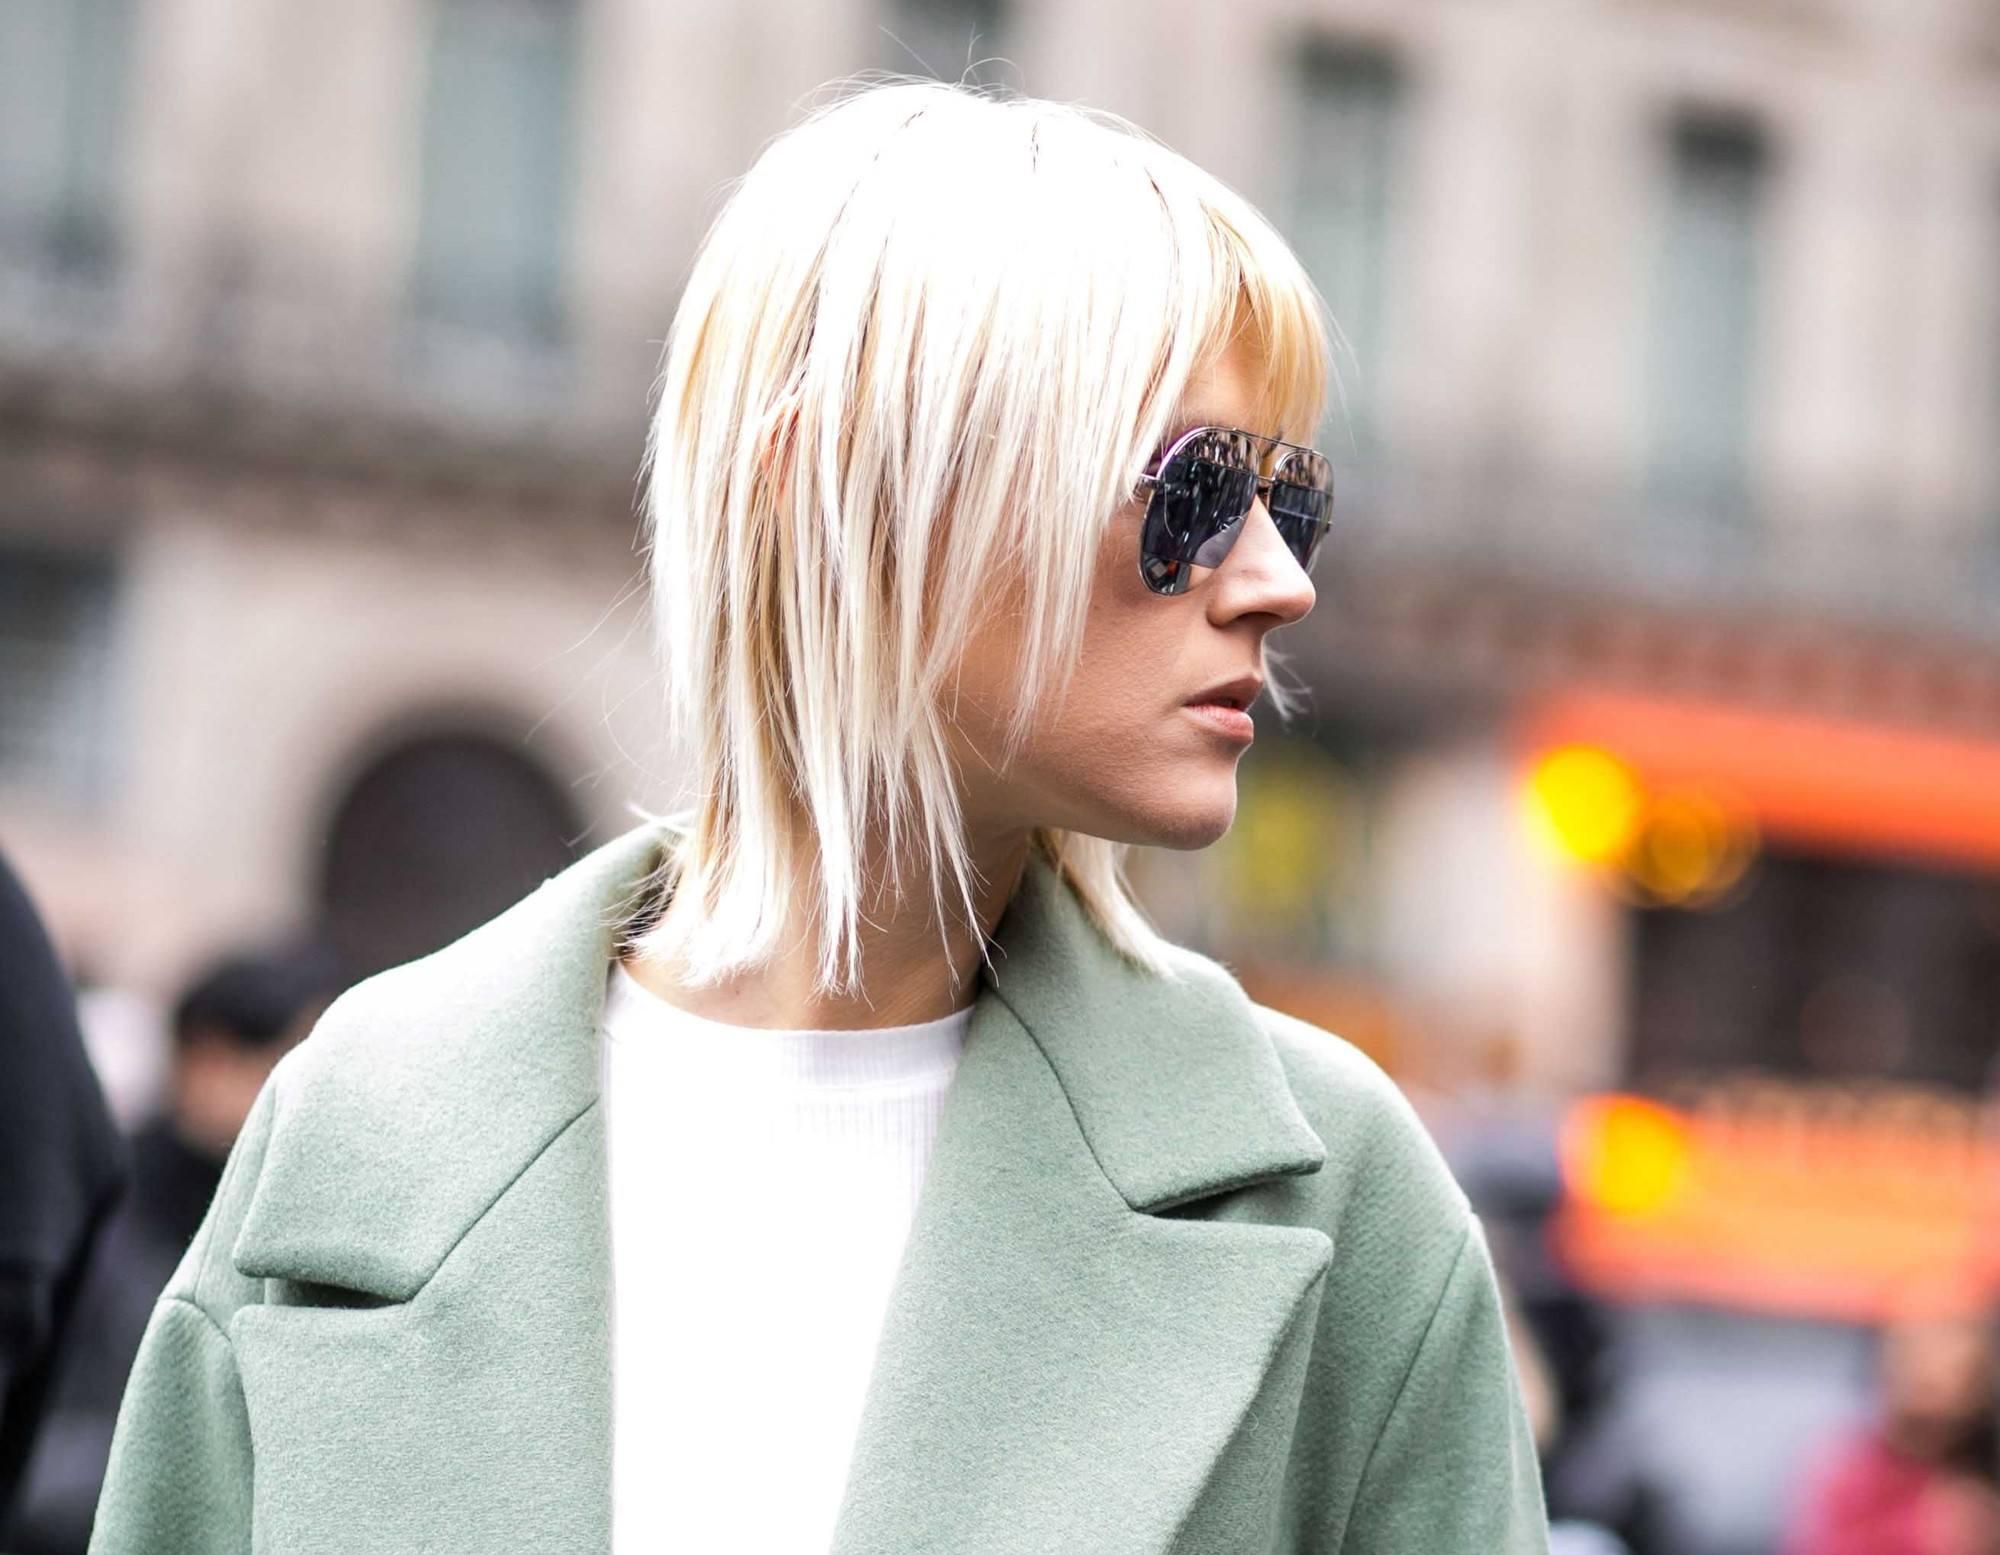 Femme blonde aux cheveux courts et à la coupe de cheveux à la frange tzigane, regardant à sa droite